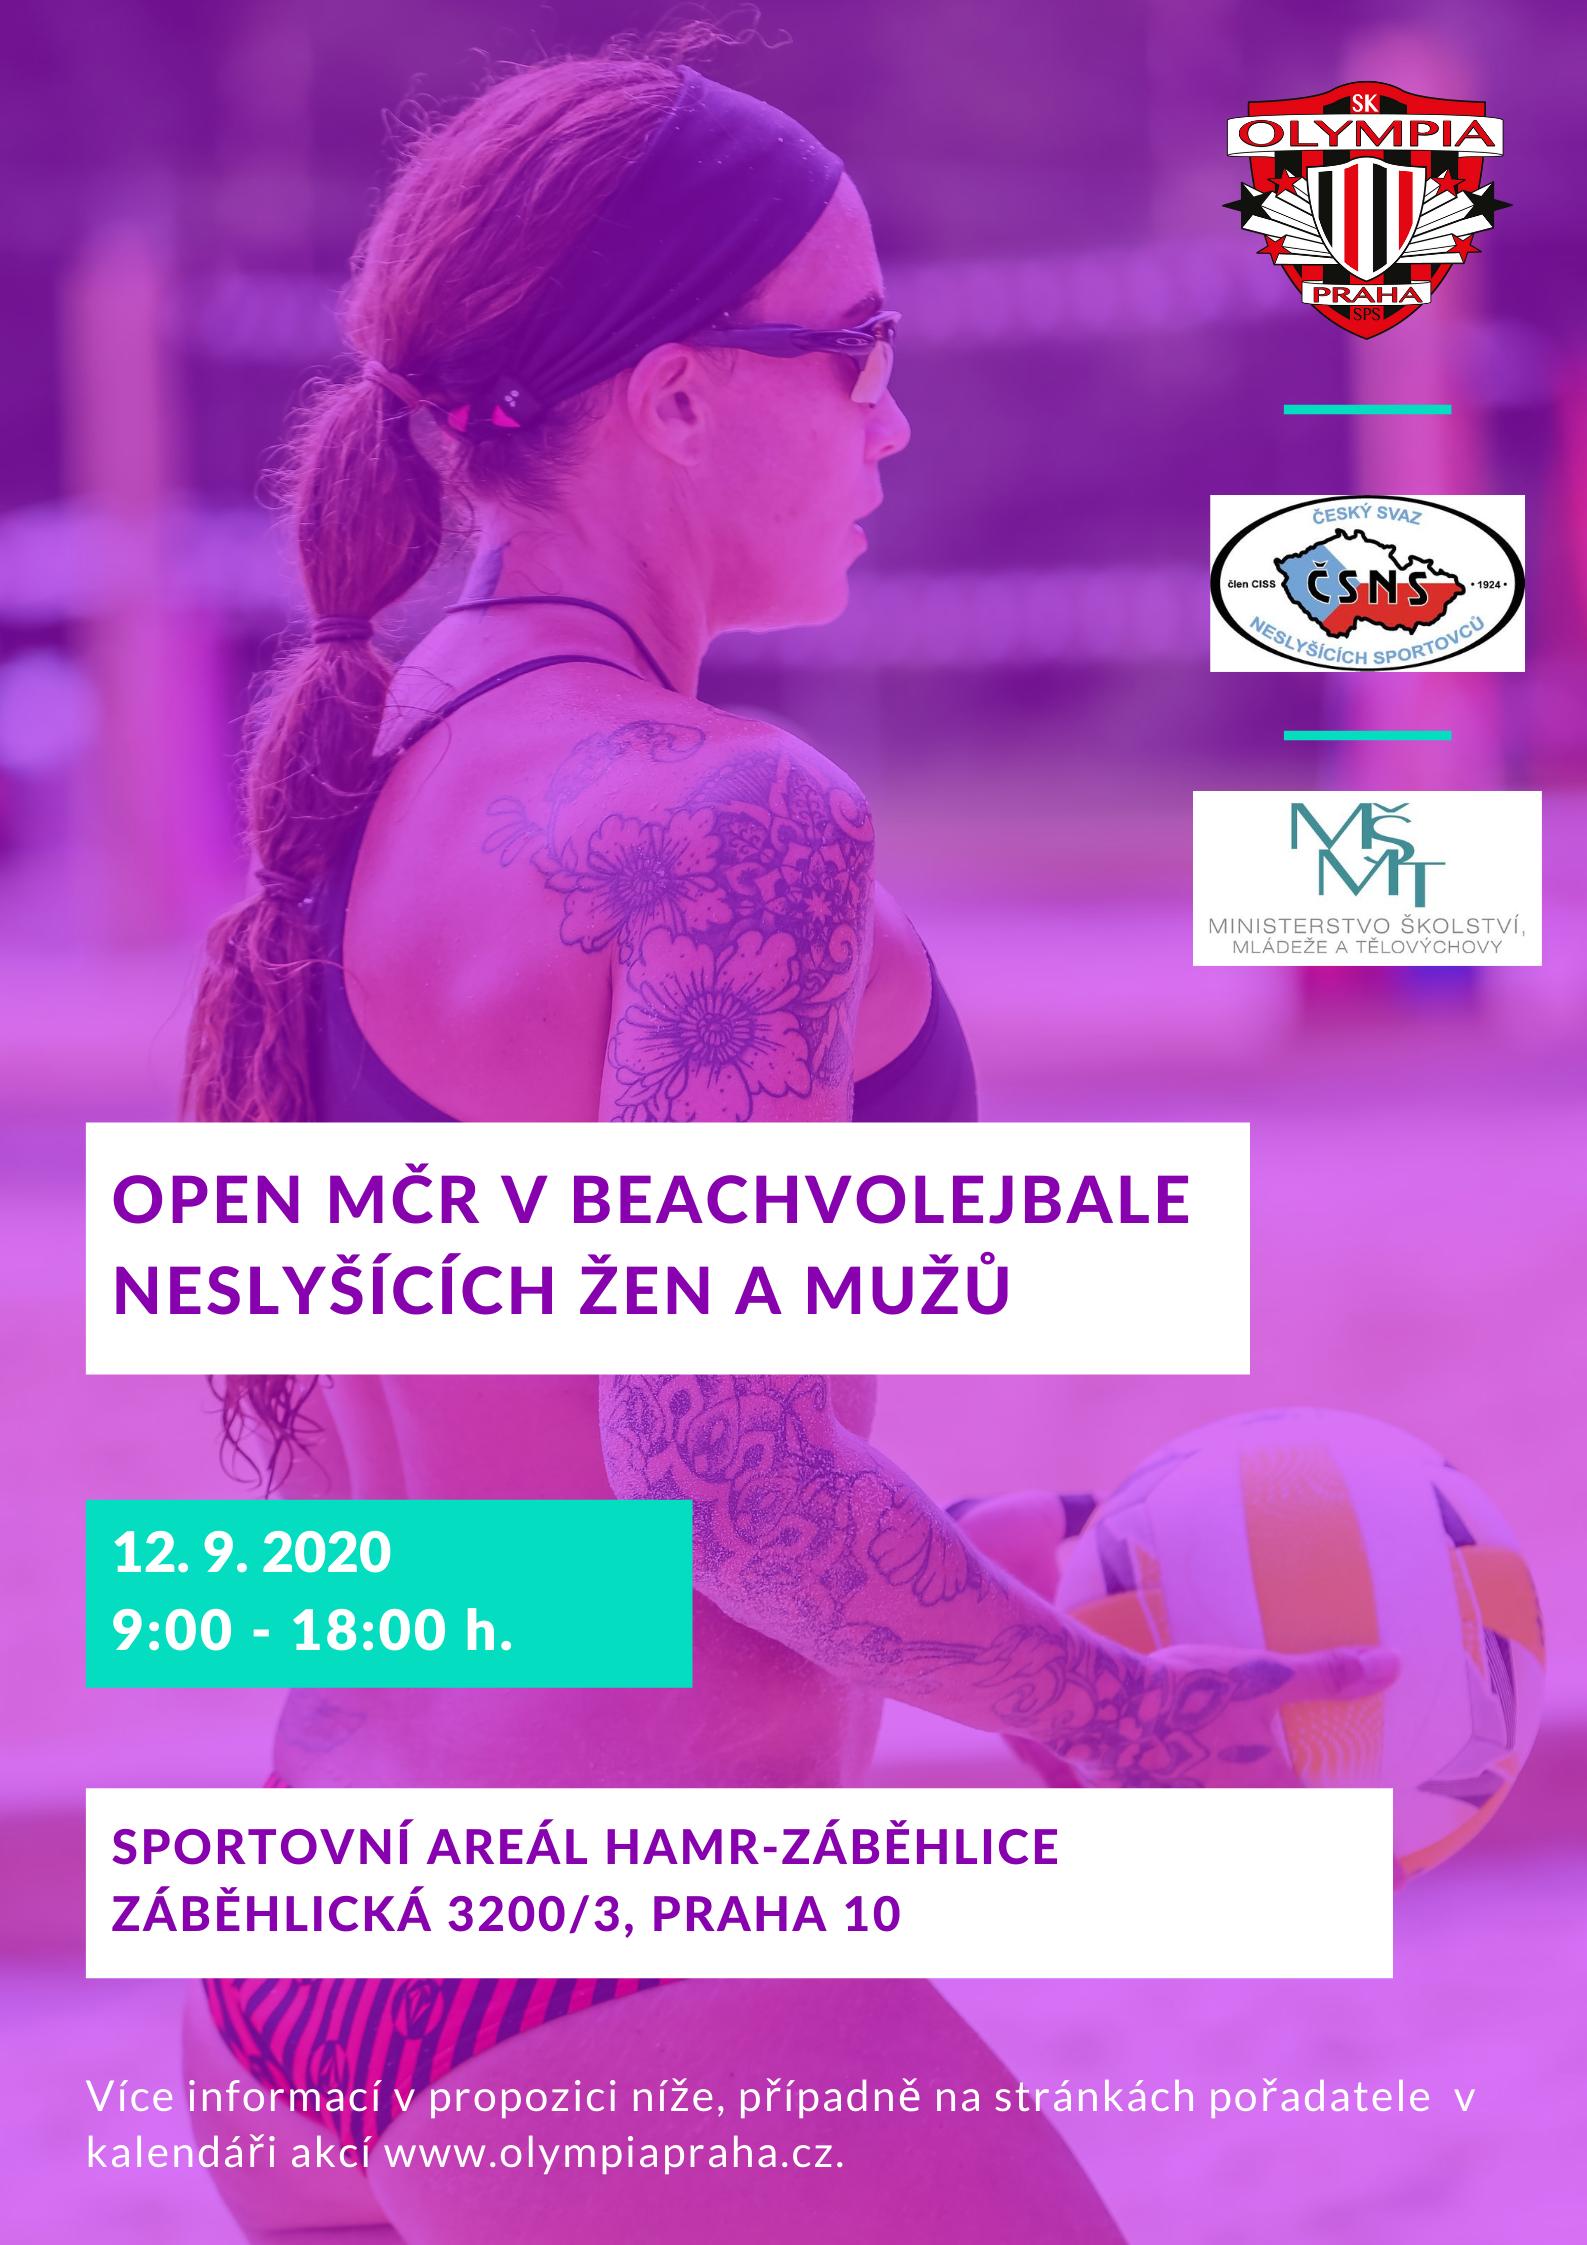 Open MČR v beachvolejbale neslyšících žen a mužů zmena adresy